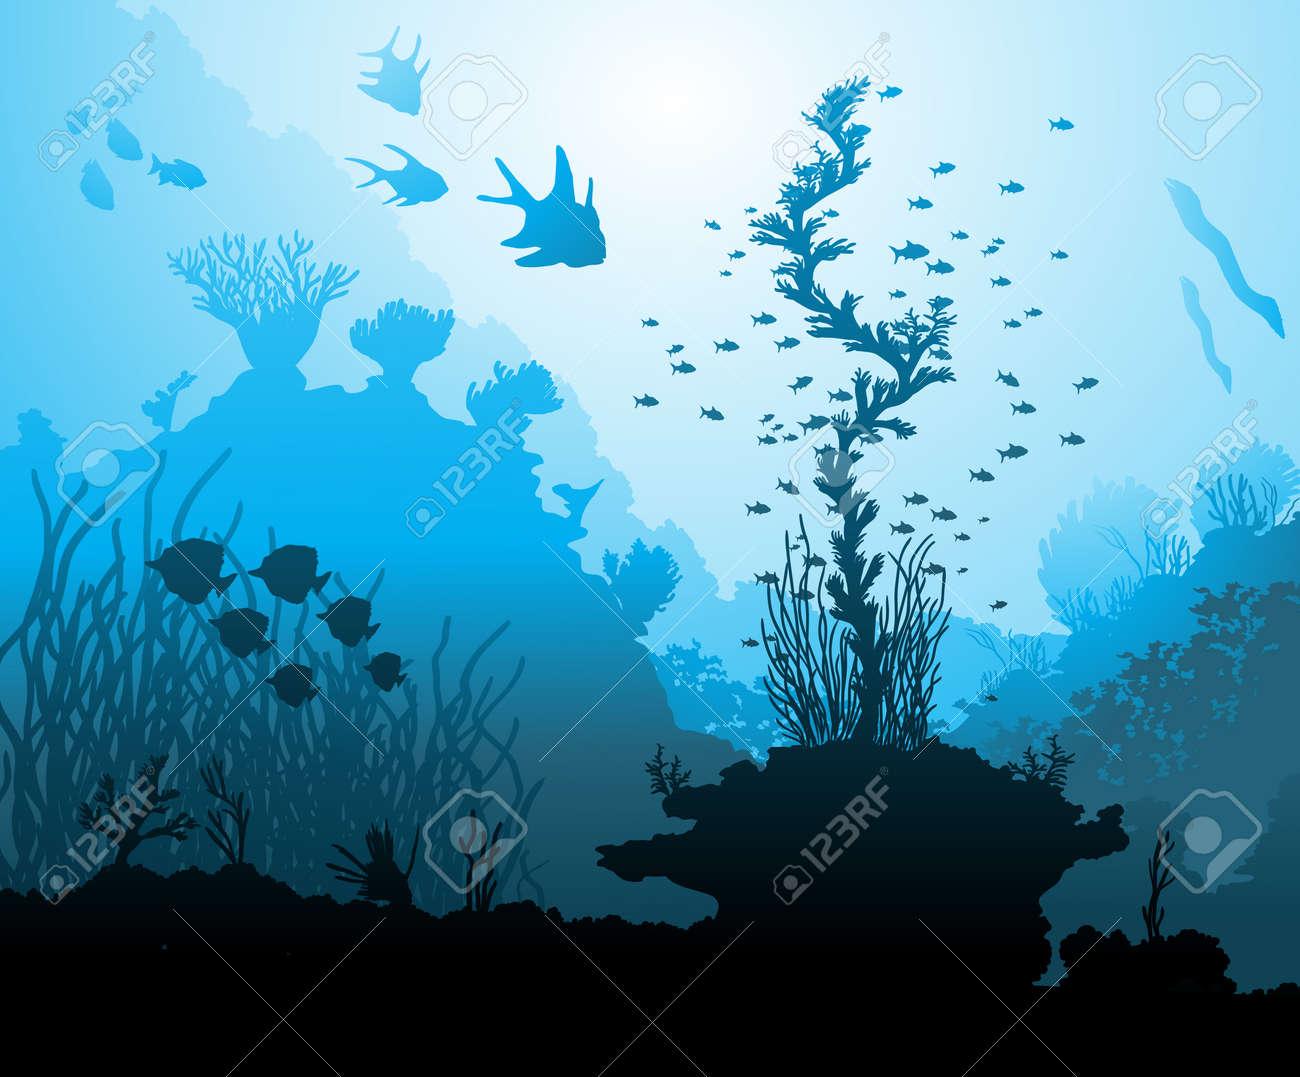 Ocean underwater world with different animals - 56410769